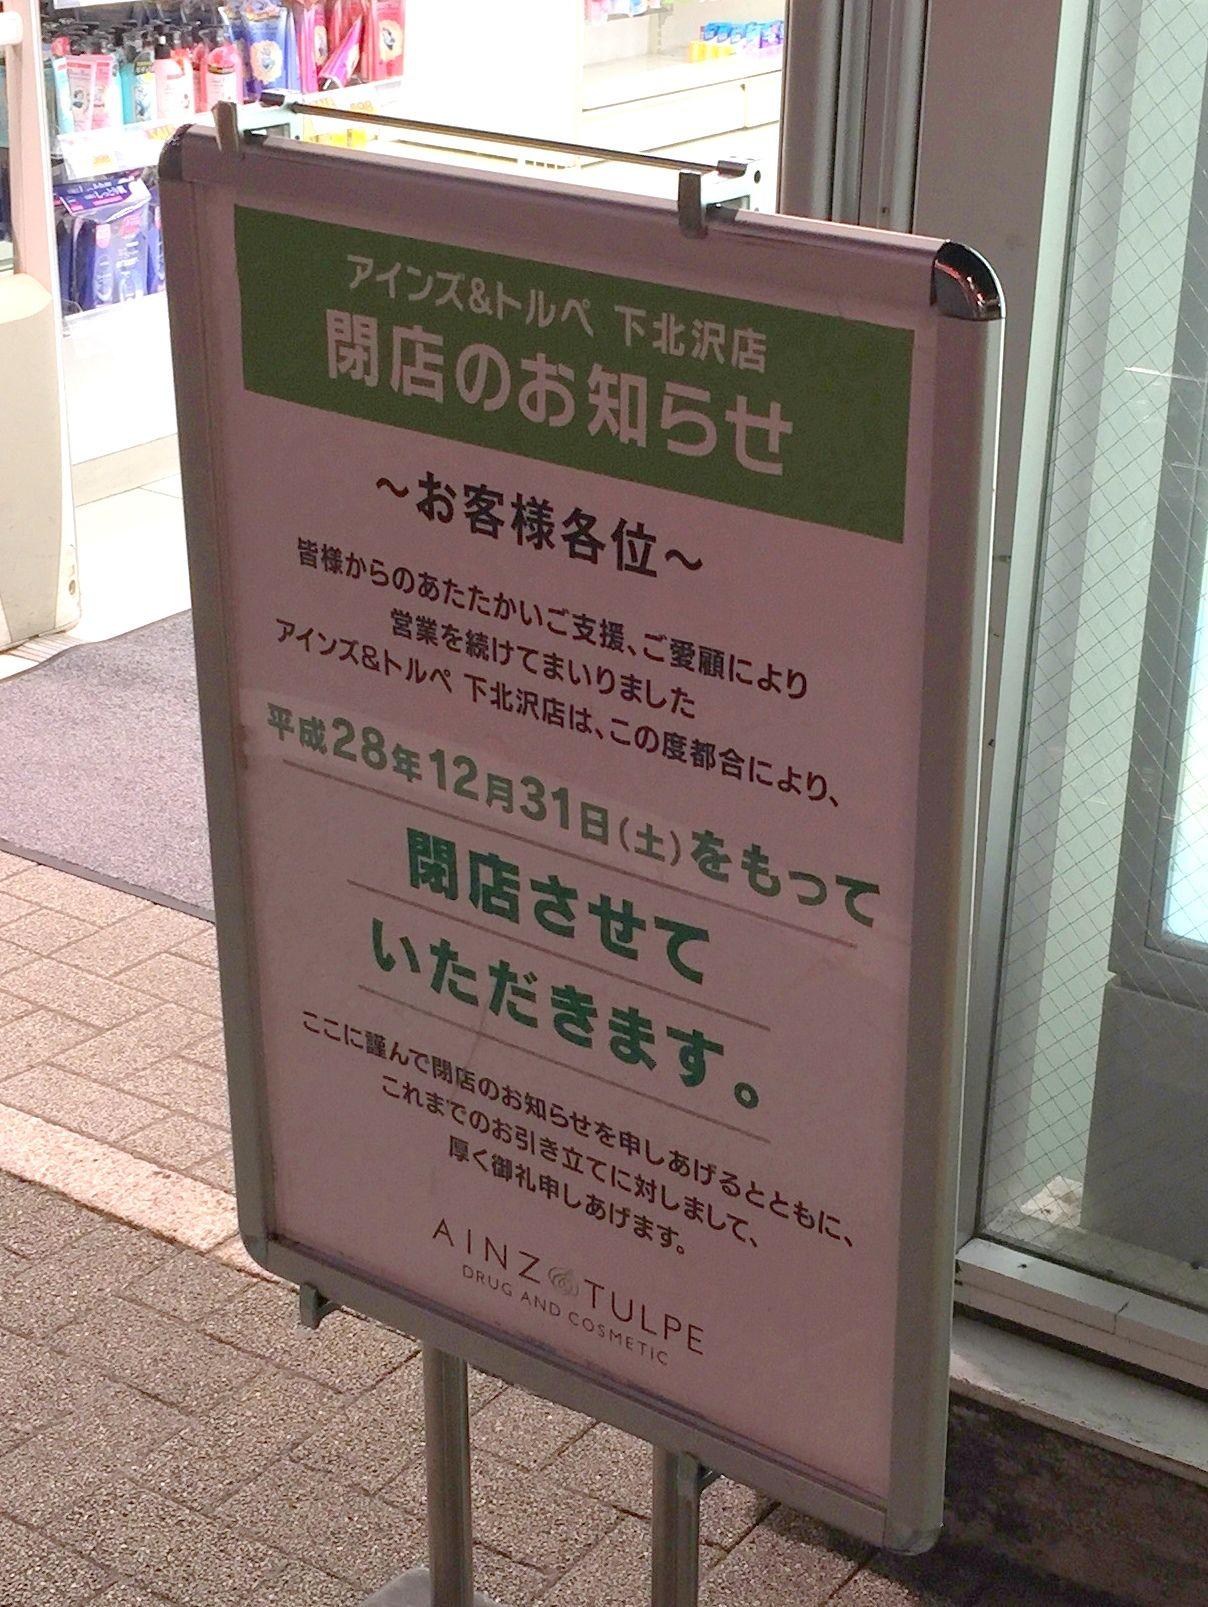 「アインズ&トルペ 下北沢店」が12月末で閉店